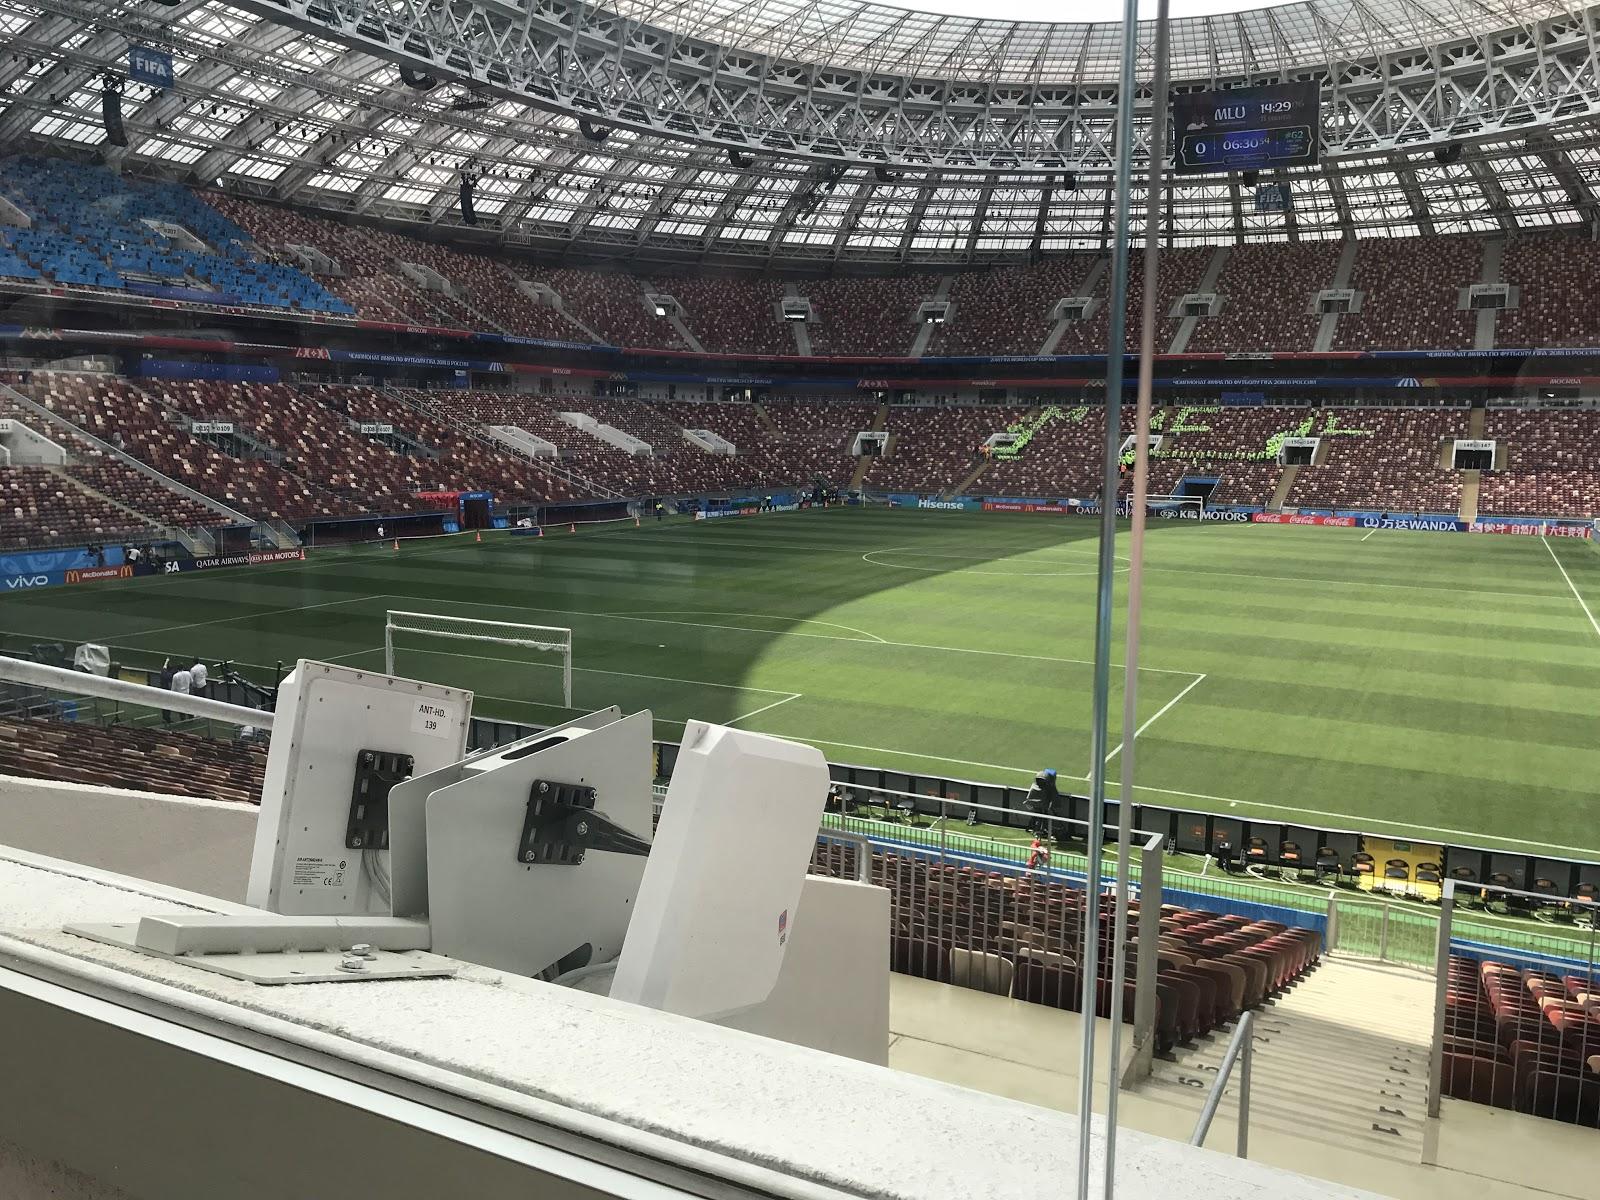 """Как мы обслуживали ИТ-инфраструктуру """"Лужников"""" во время Чемпионата мира - 12"""